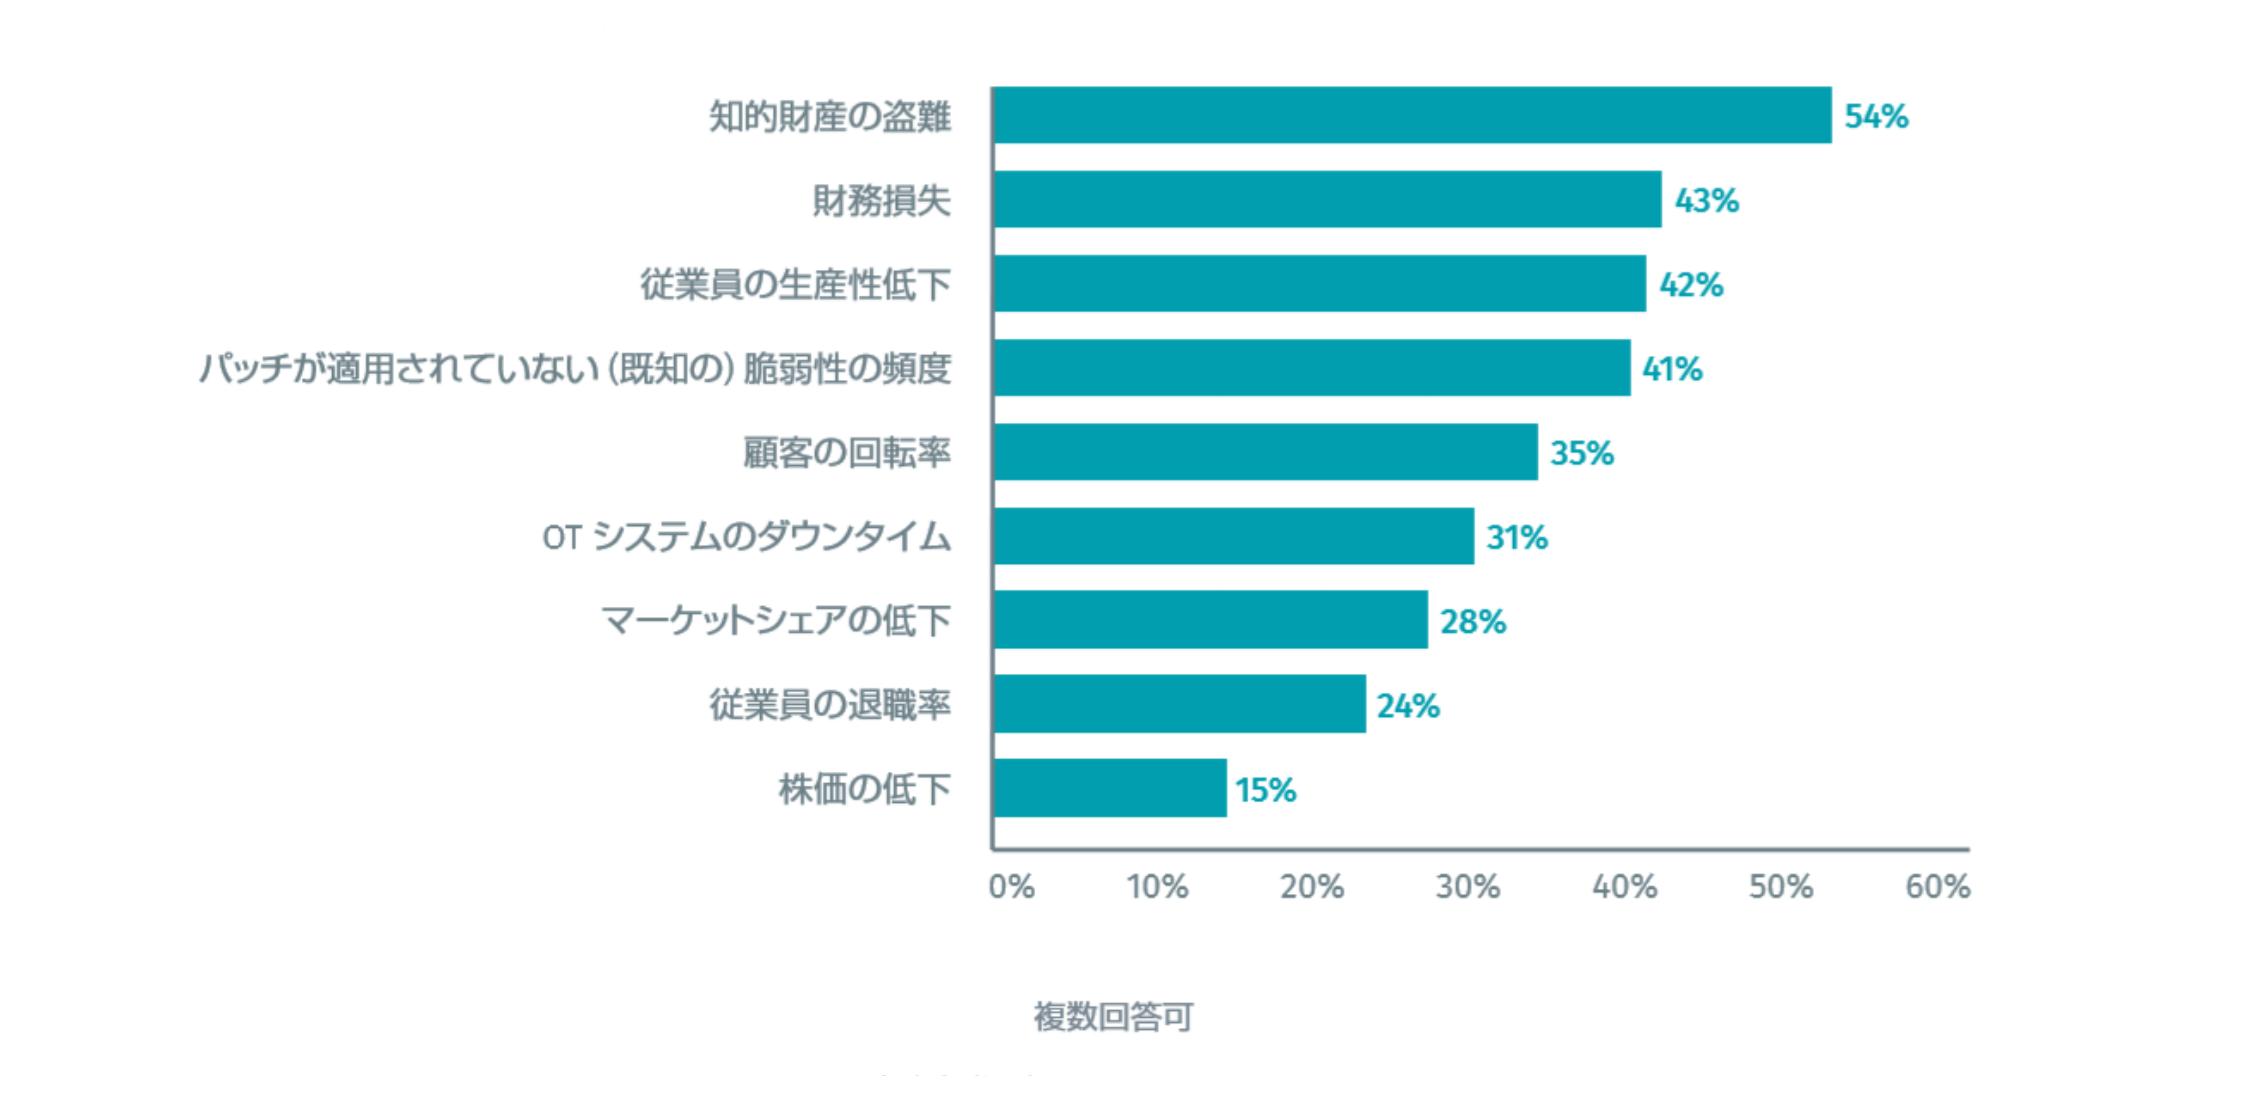 サイバー攻撃によるビジネスリスクの定量化